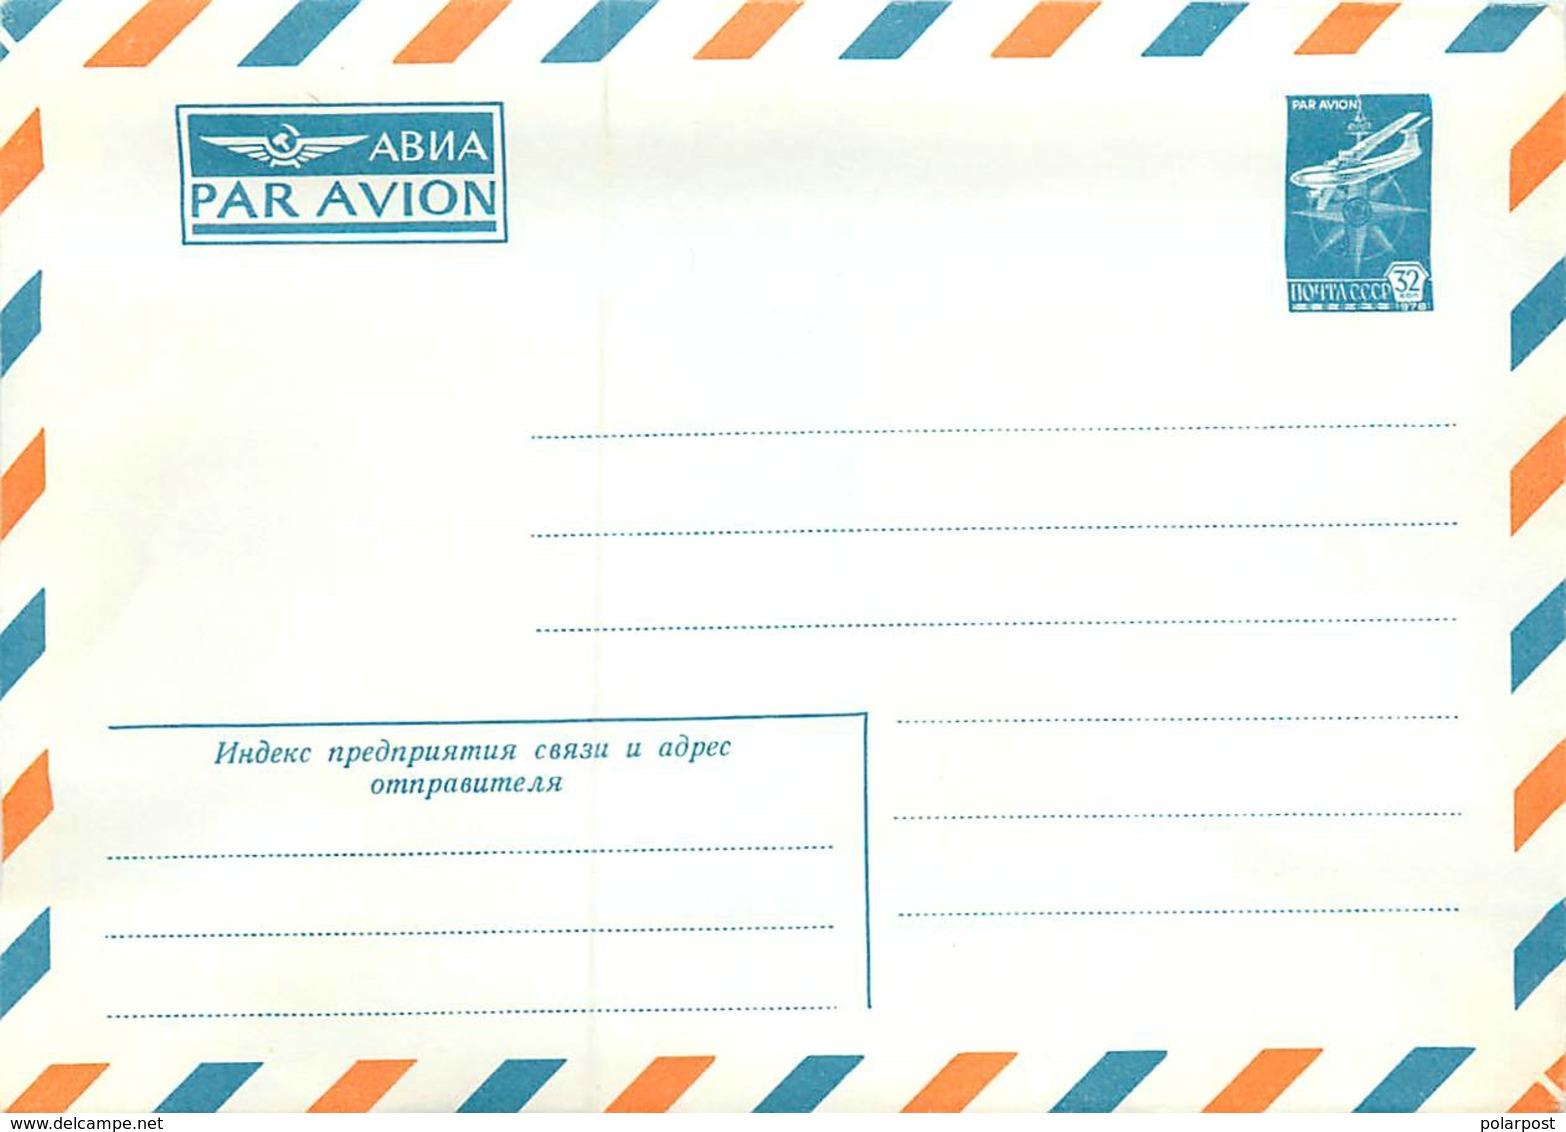 USSR 1980 AVIA PAR AVI ON IL-76 Aircraft - 1923-1991 USSR